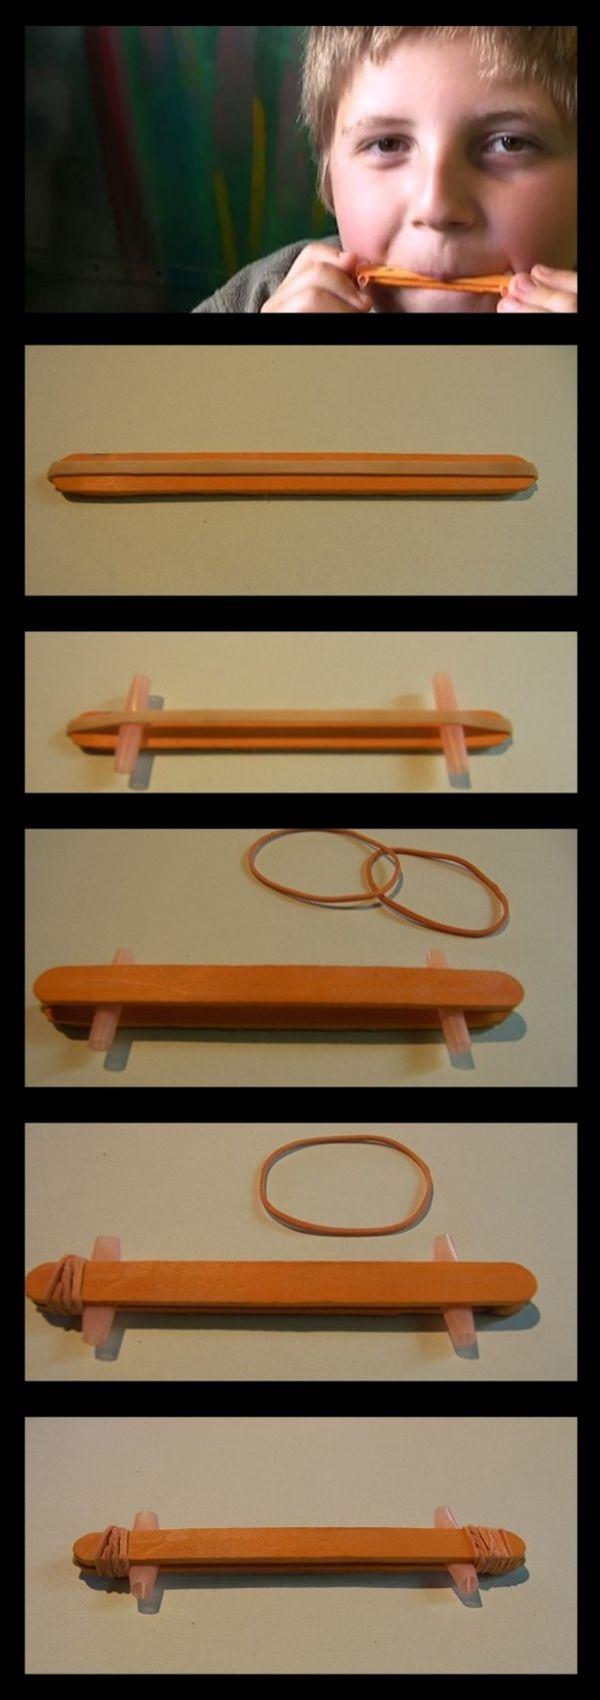 Comment fabriquer facilement un kazoo !!